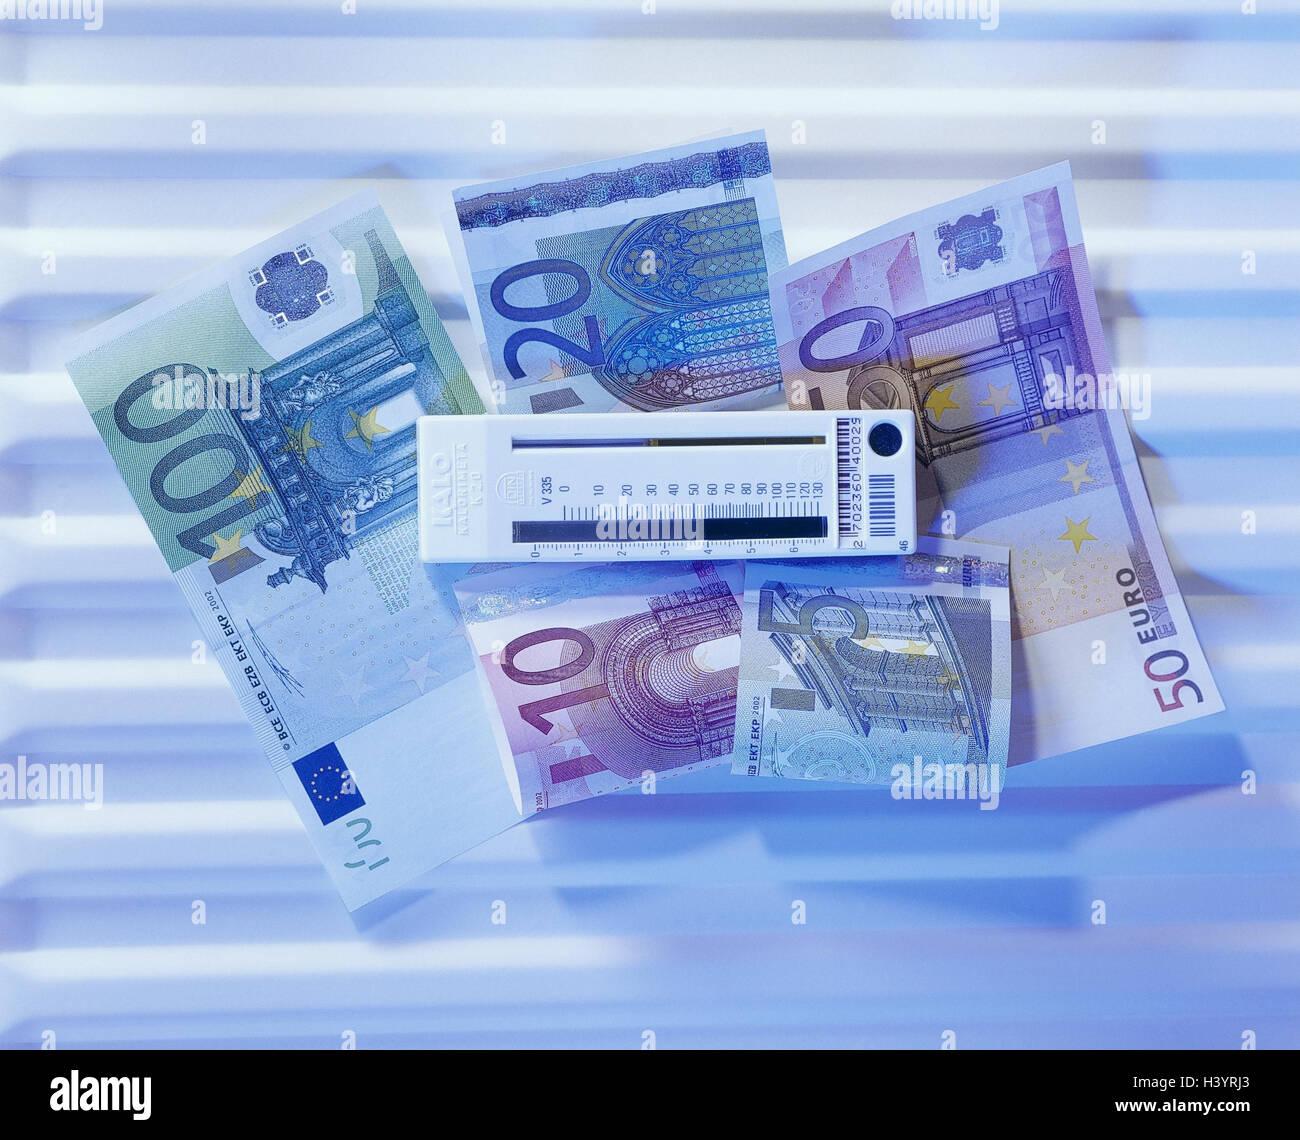 Heizungen, Detail, Kalorimeter, Banknoten, Euro, Stillleben